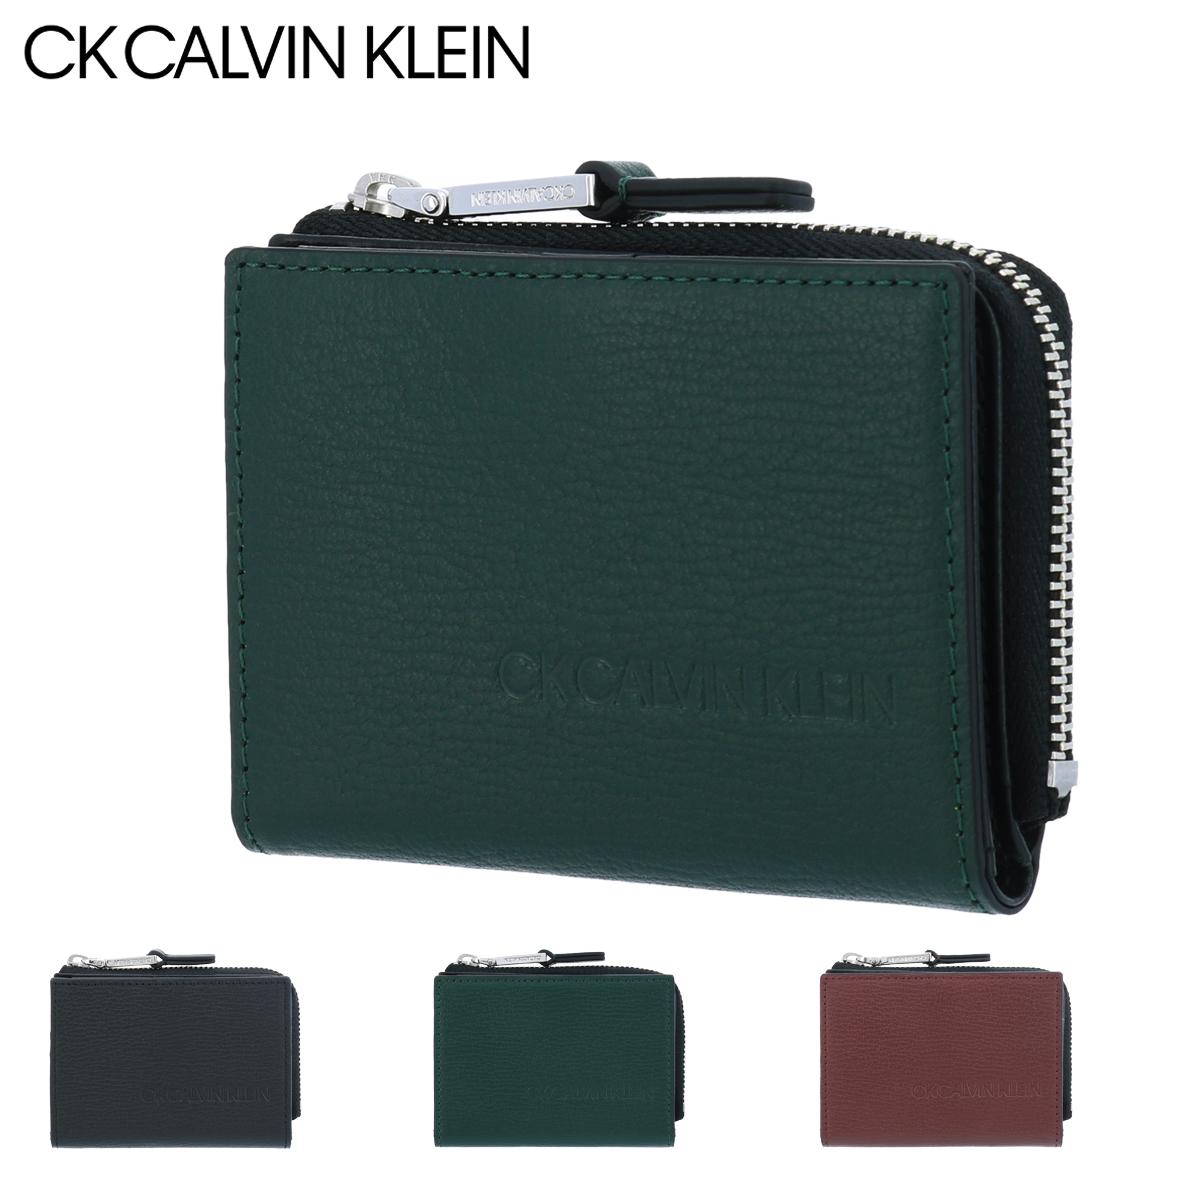 シーケーカルバンクライン 財布 小銭入れ ロック メンズ 803631 CK CALVIN KLEIN|コインケース スコッチガード 牛革 本革 レザー 撥水 [PO5][bef]